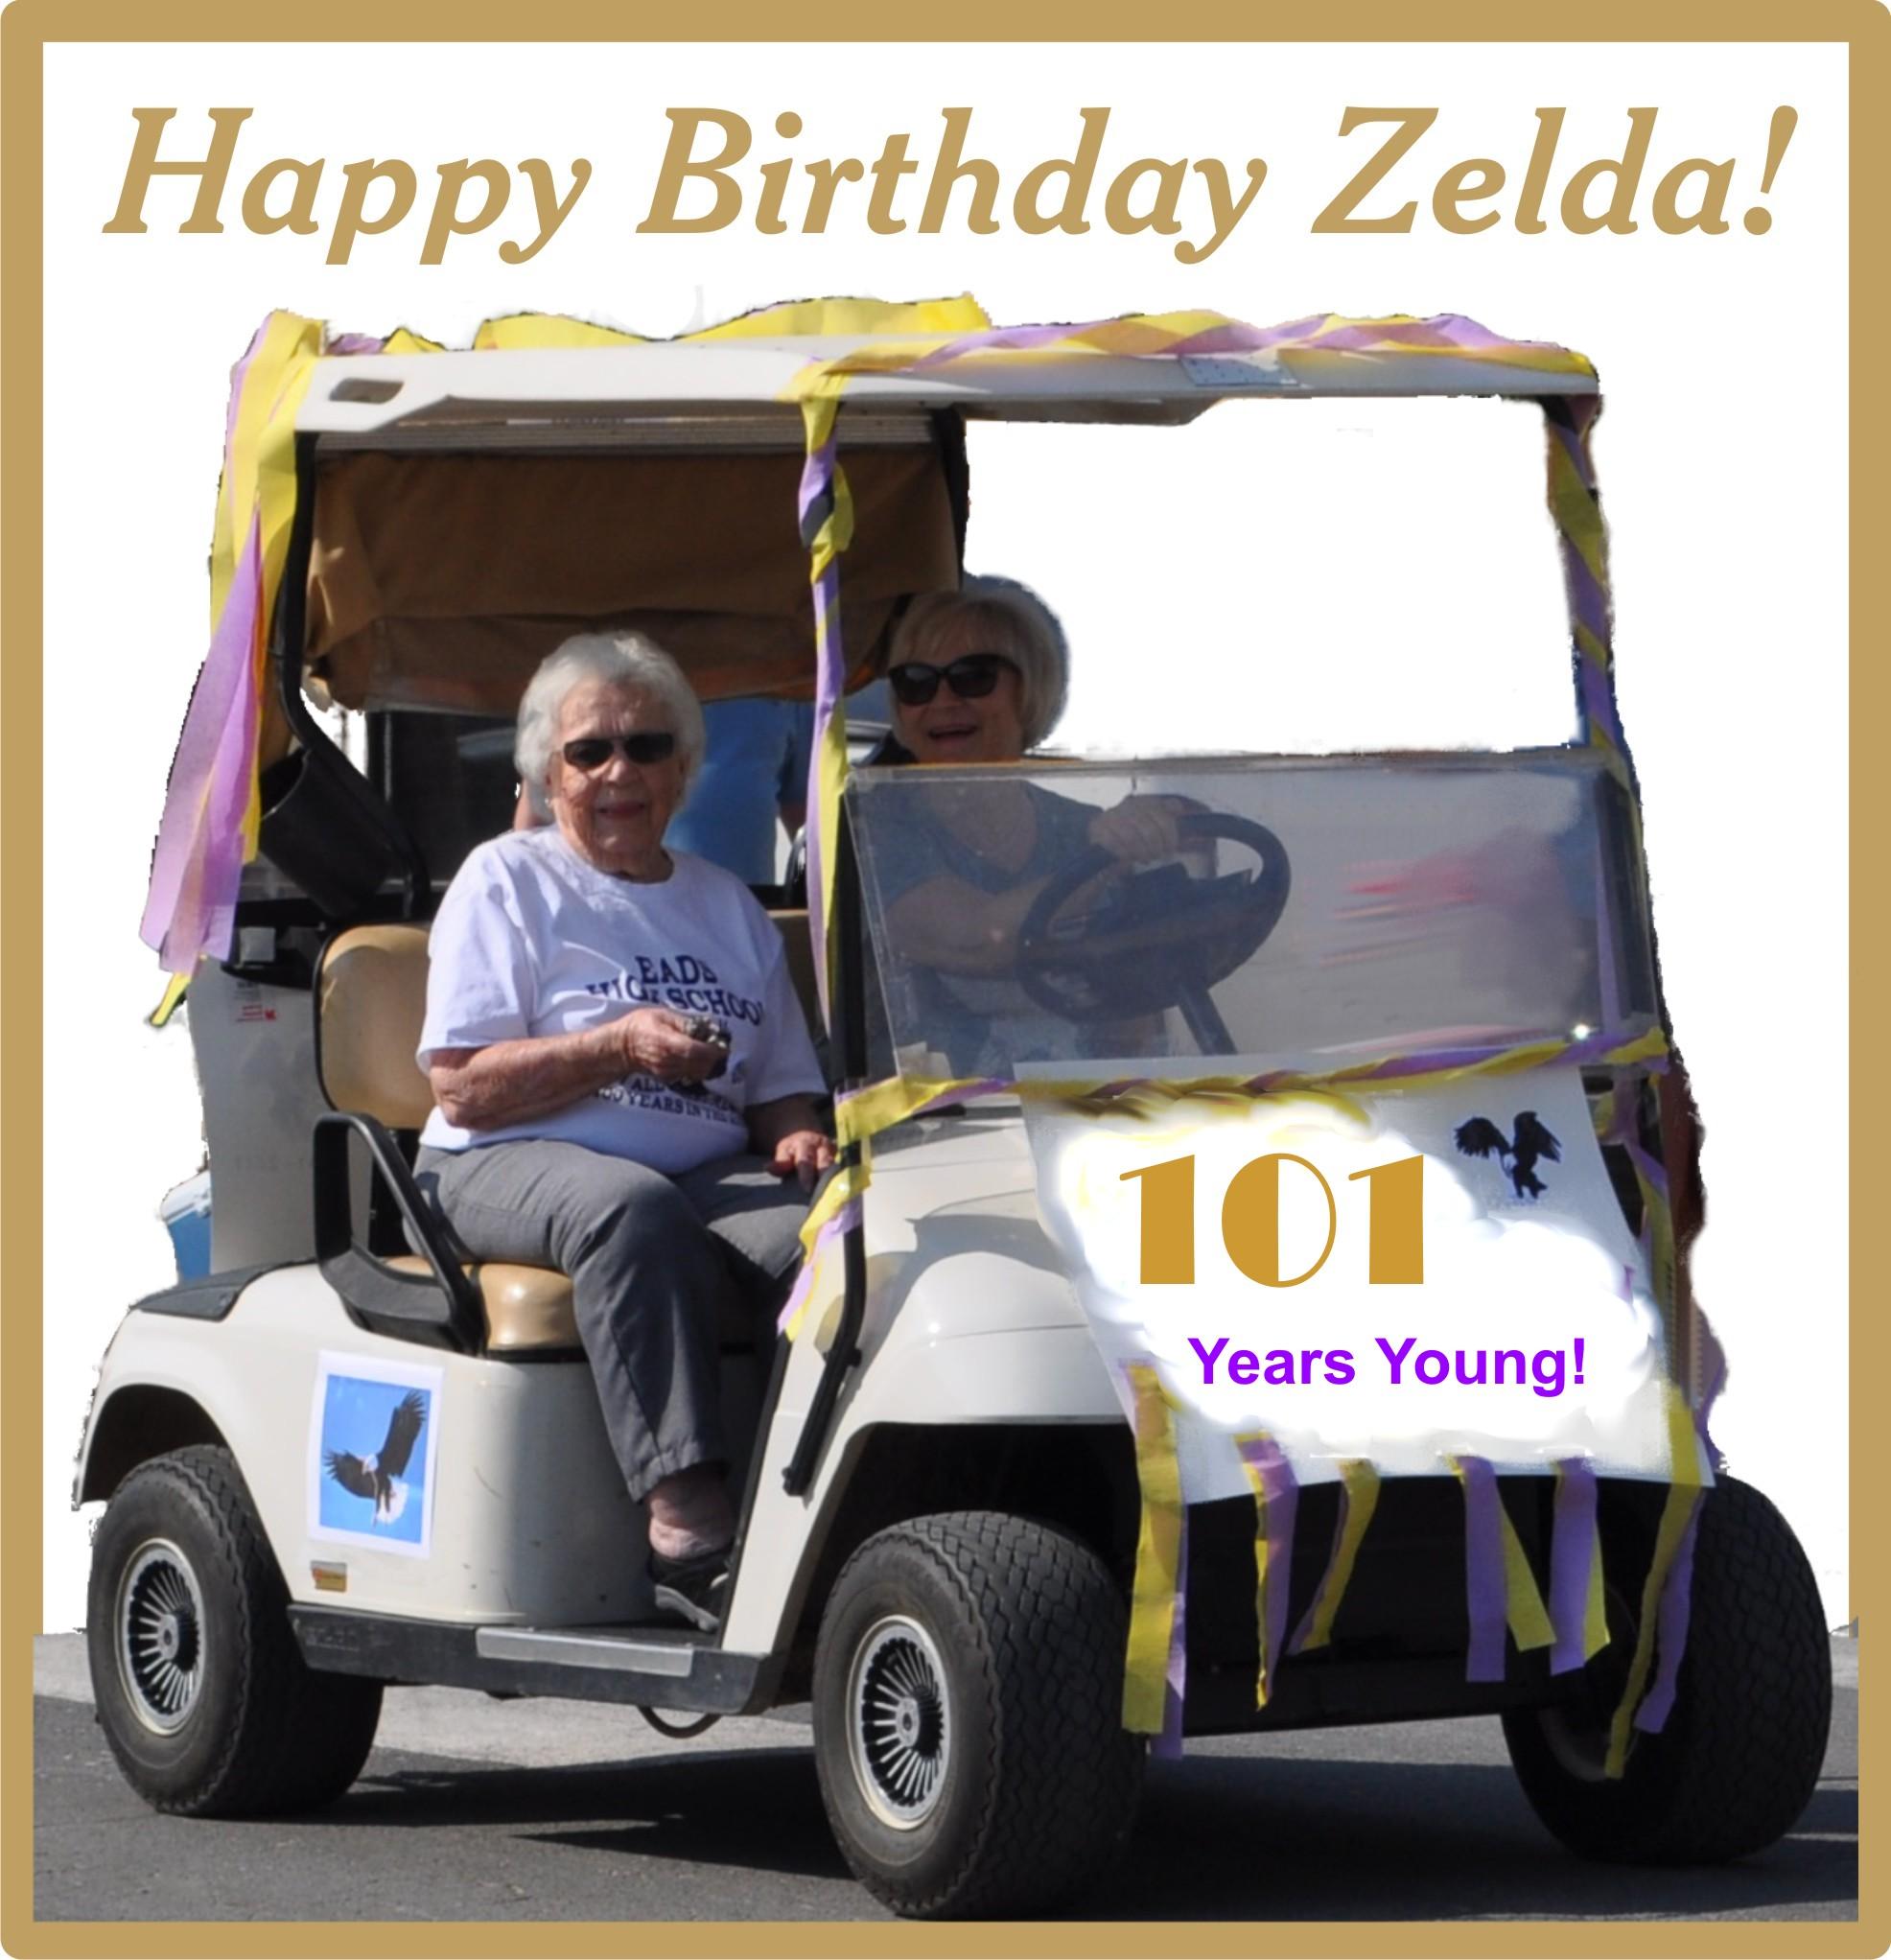 Happy birthday to Zelda Petersen